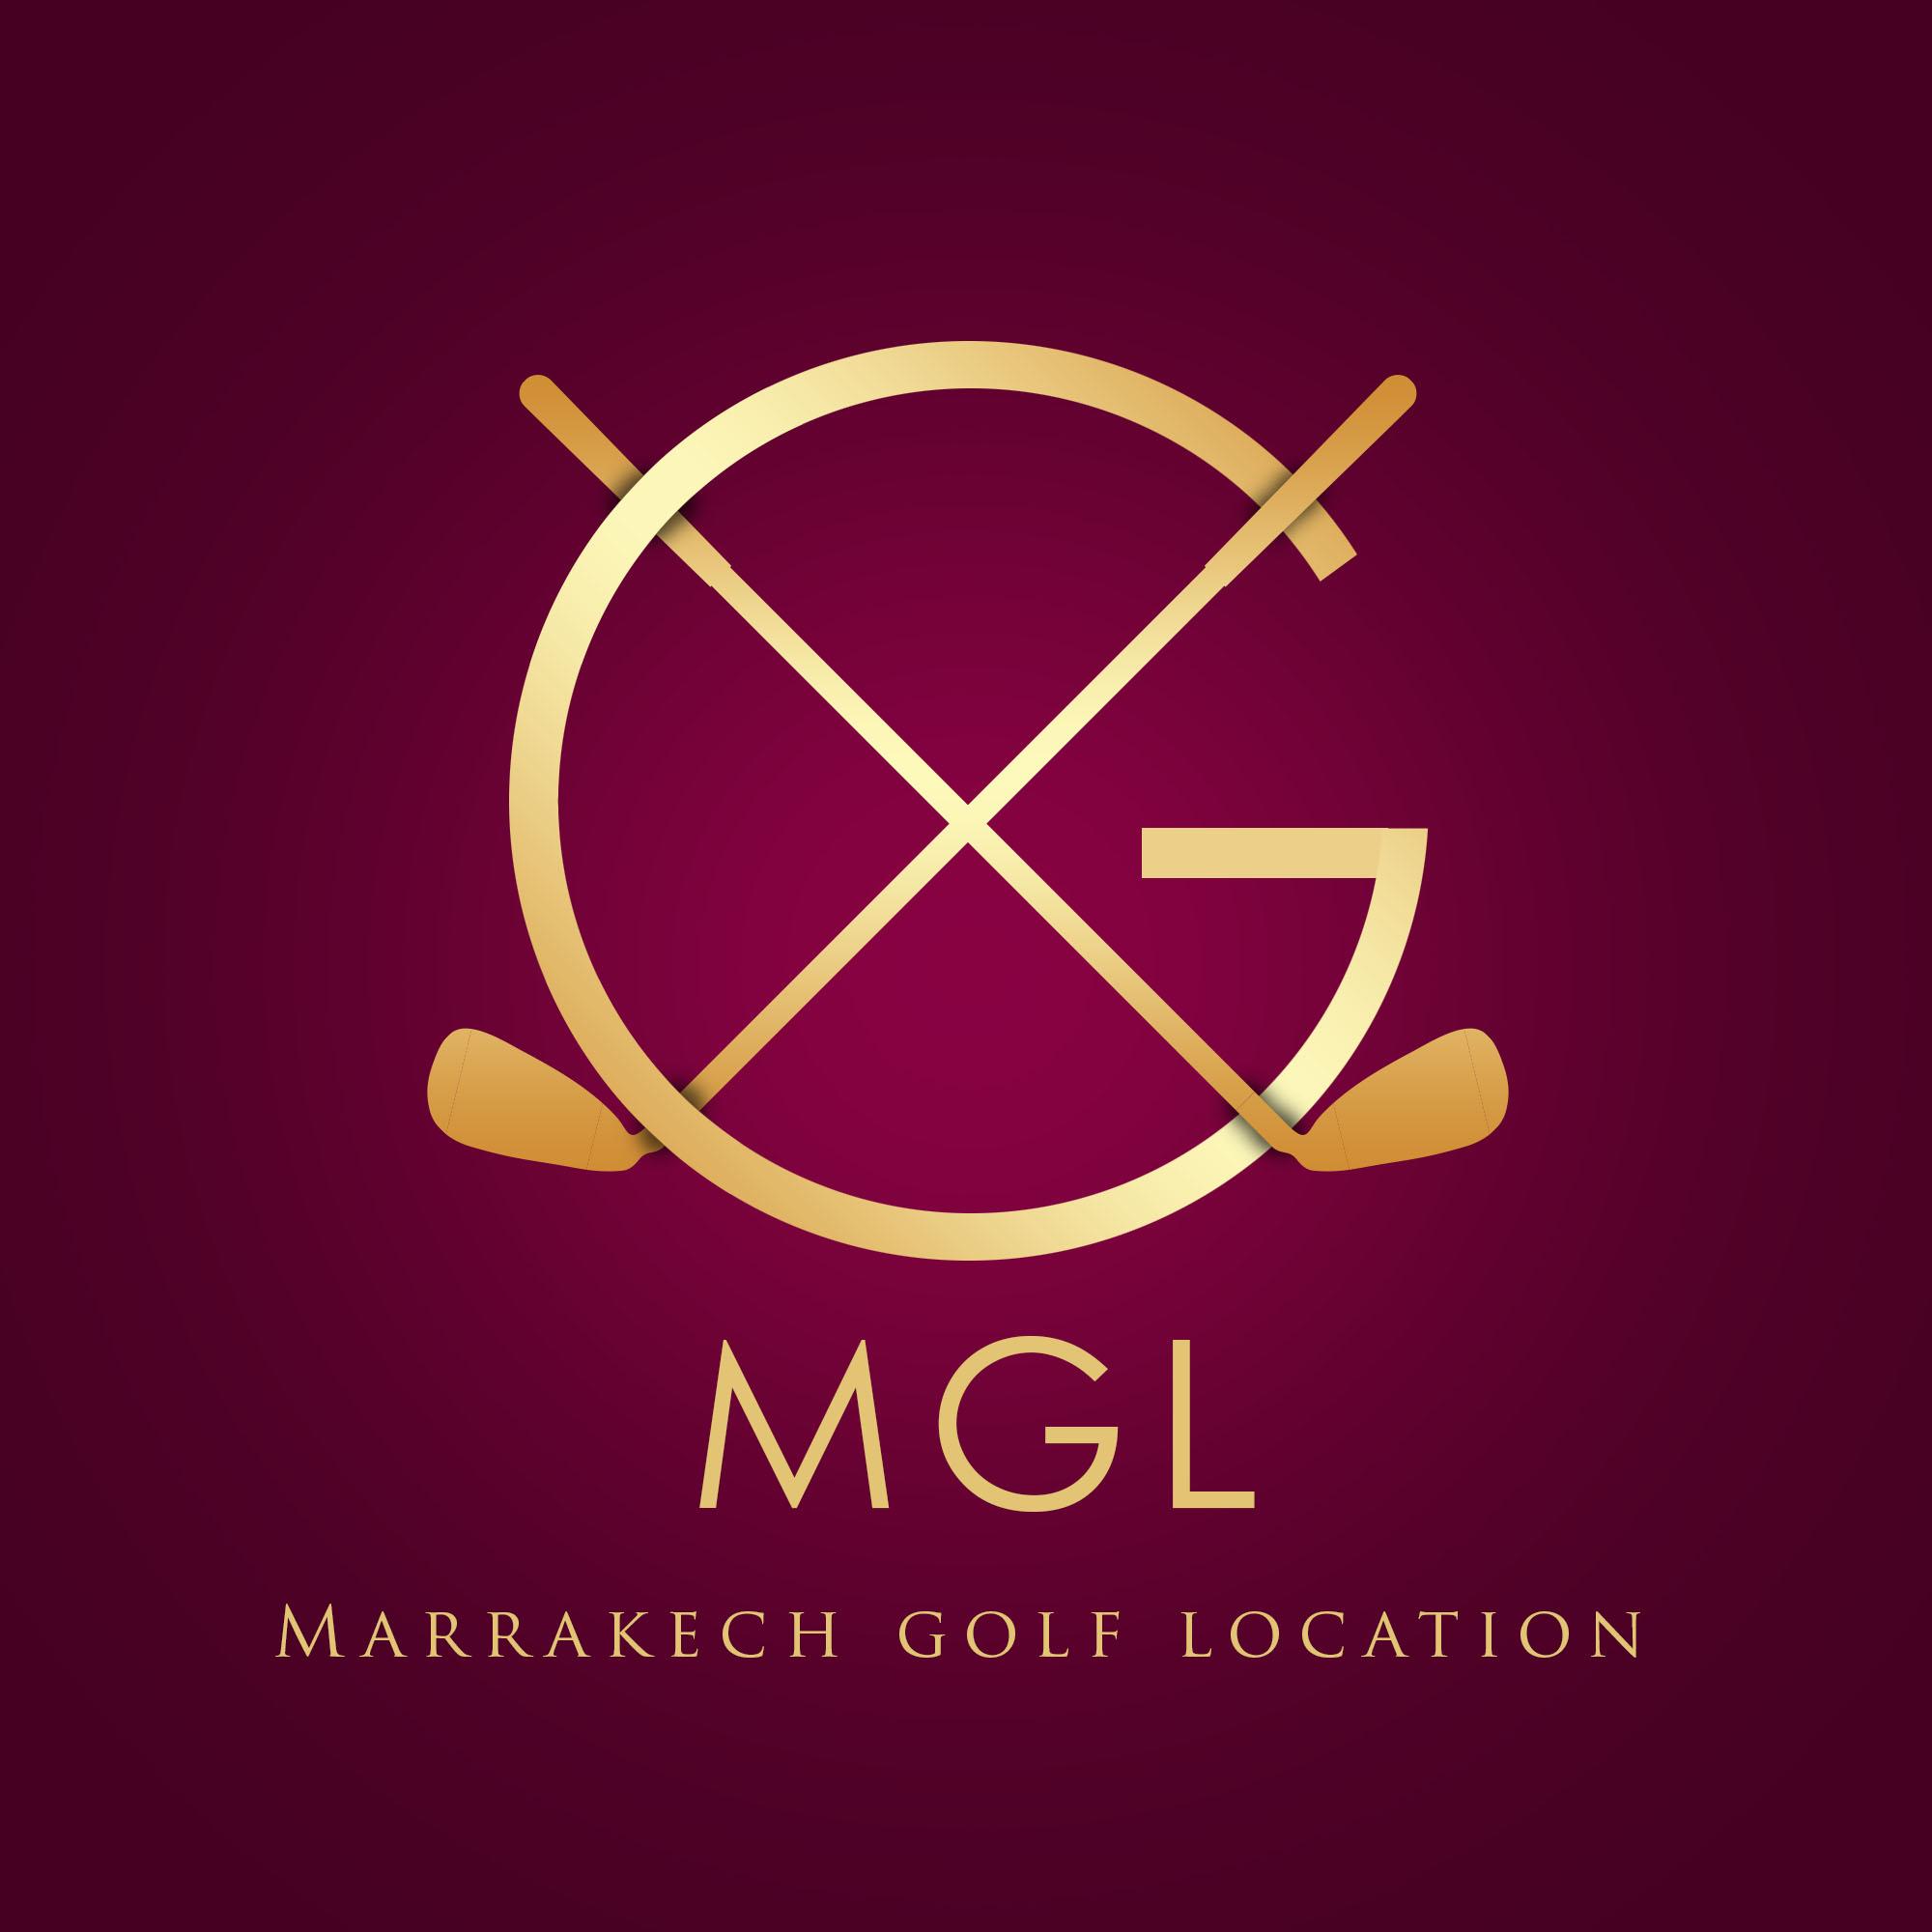 Logo de Marrakech golf location.